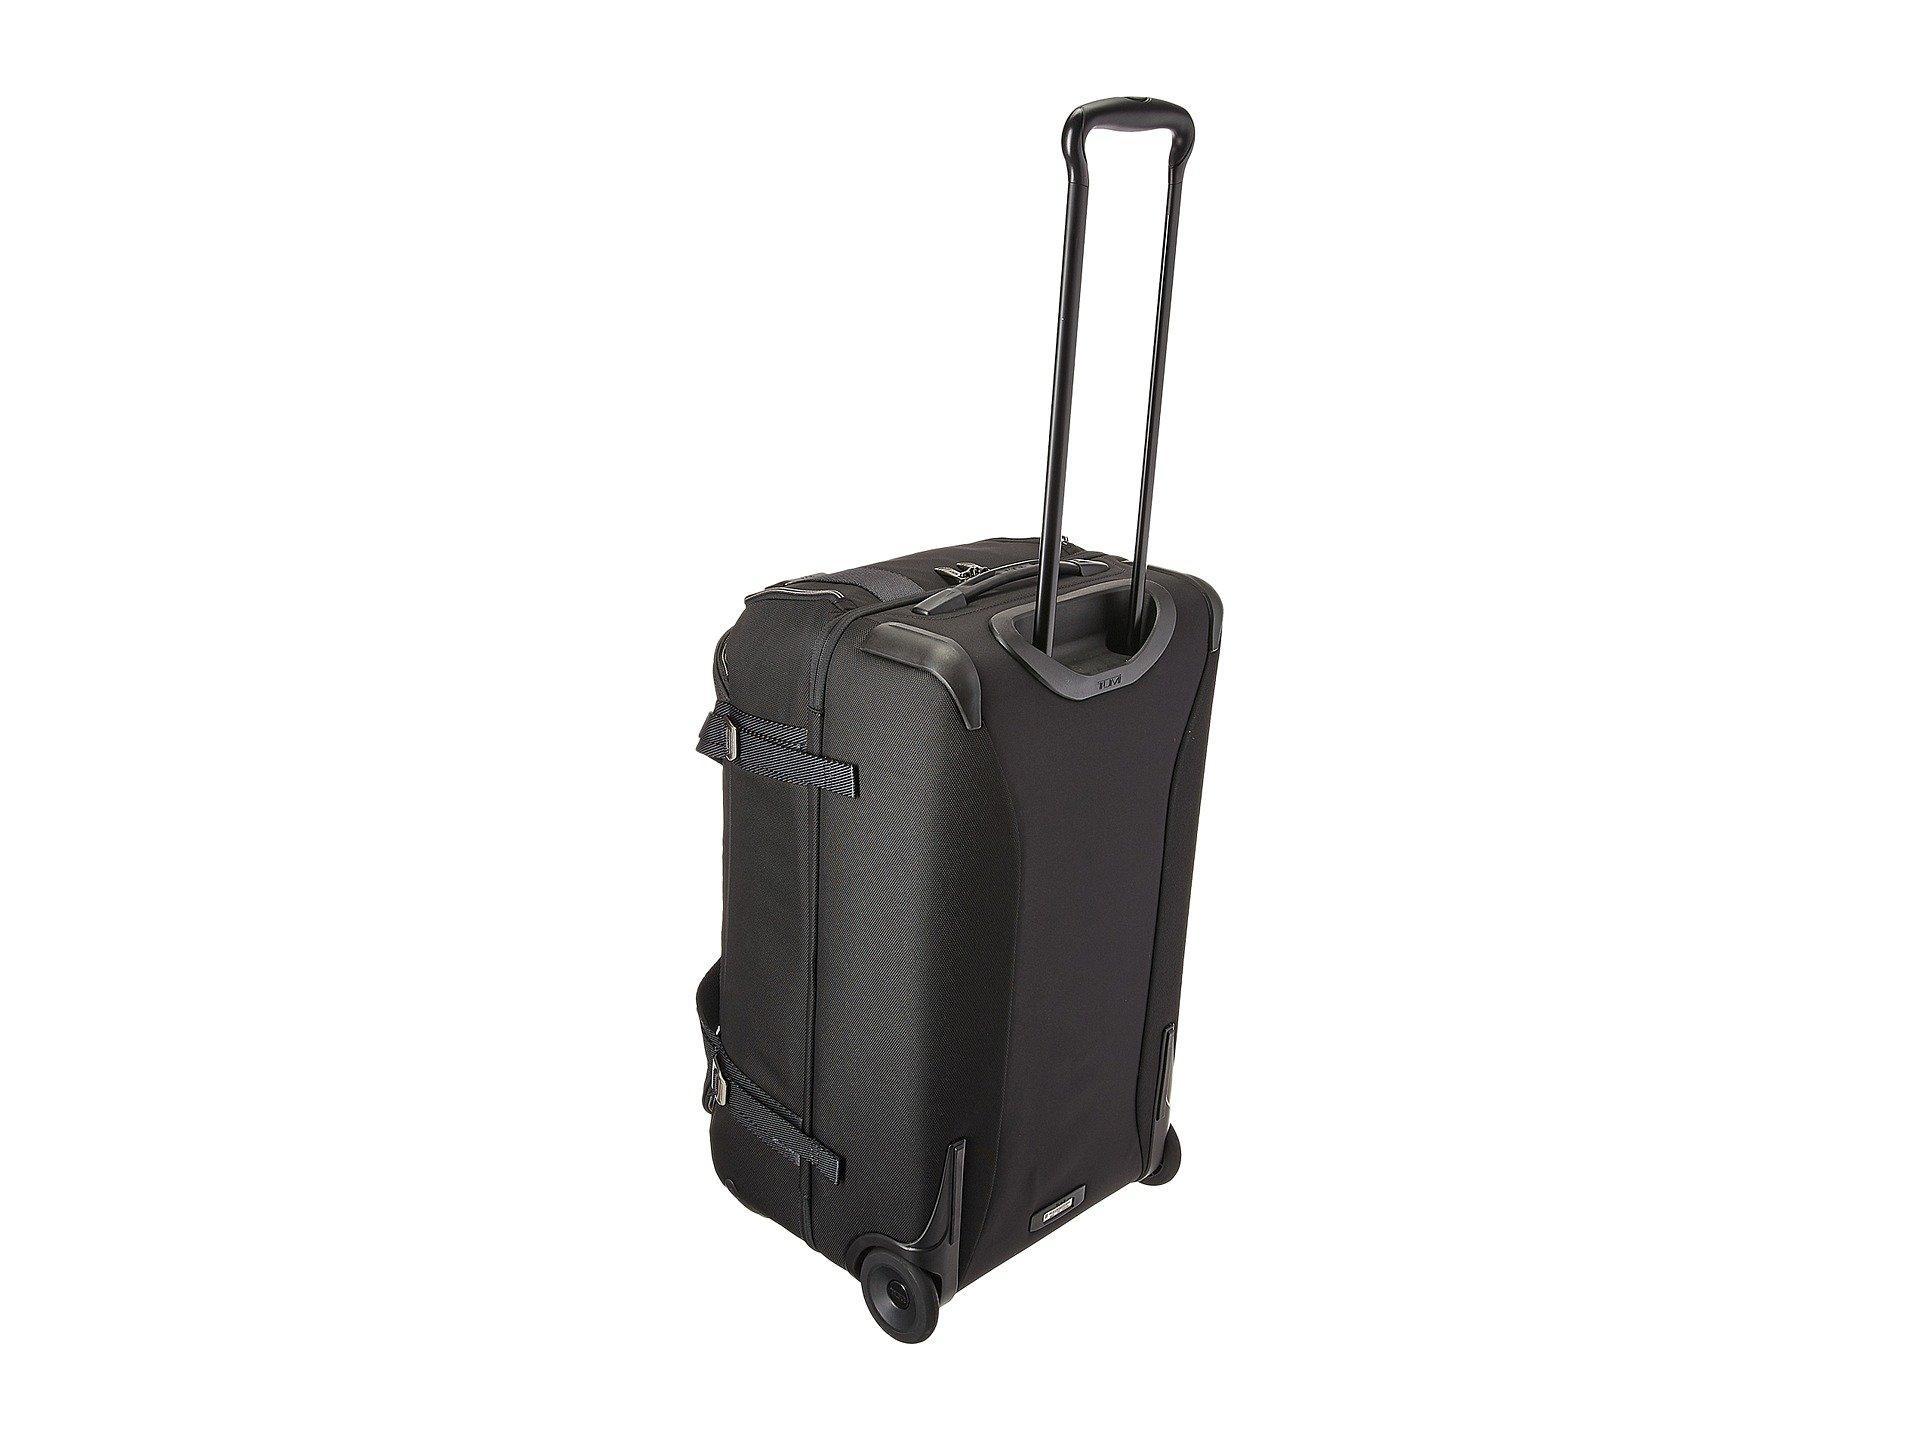 eb59c29f1 Tumi - Black Merge Wheeled Duffel Packing Case - Lyst. View fullscreen